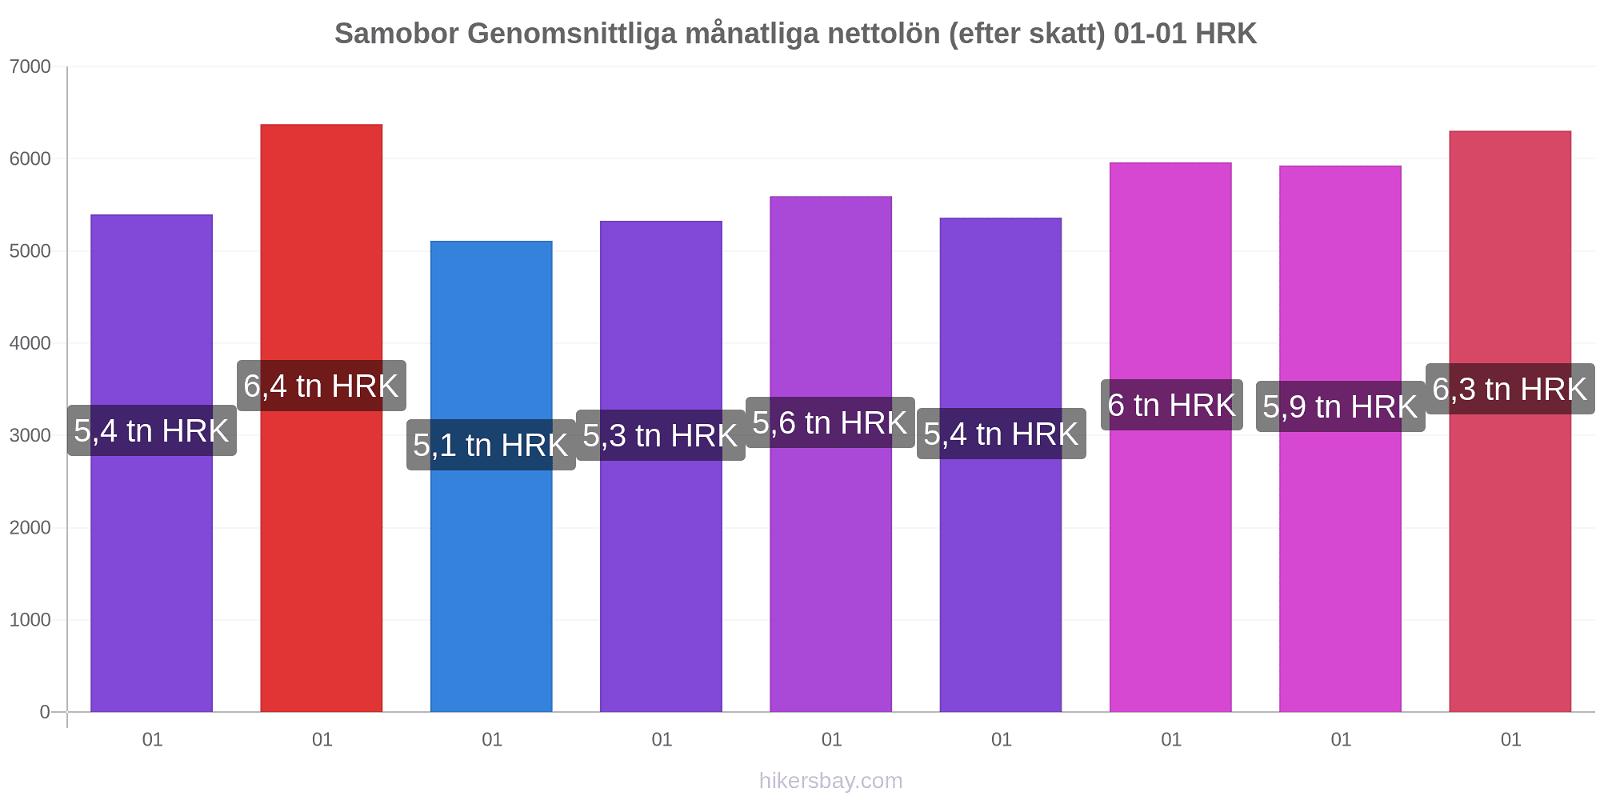 Samobor prisförändringar Genomsnittliga månatliga nettolön (efter skatt) hikersbay.com